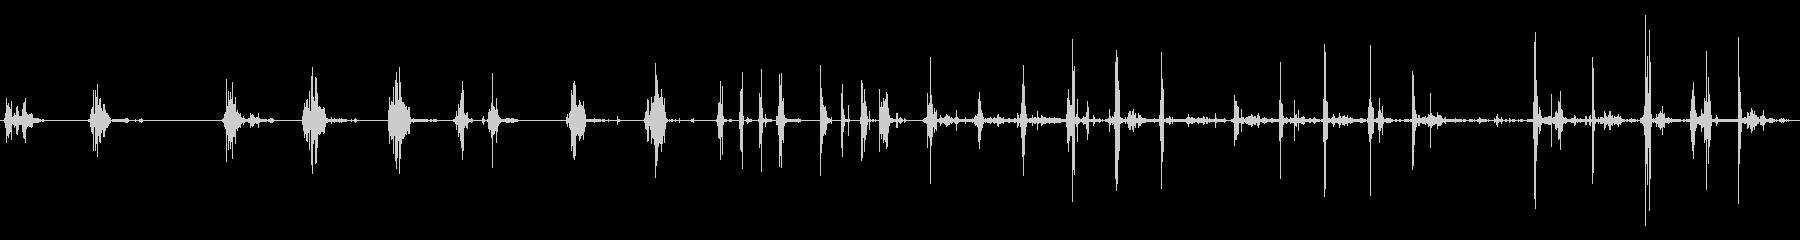 シャベルスノープラスチックショベル...の未再生の波形